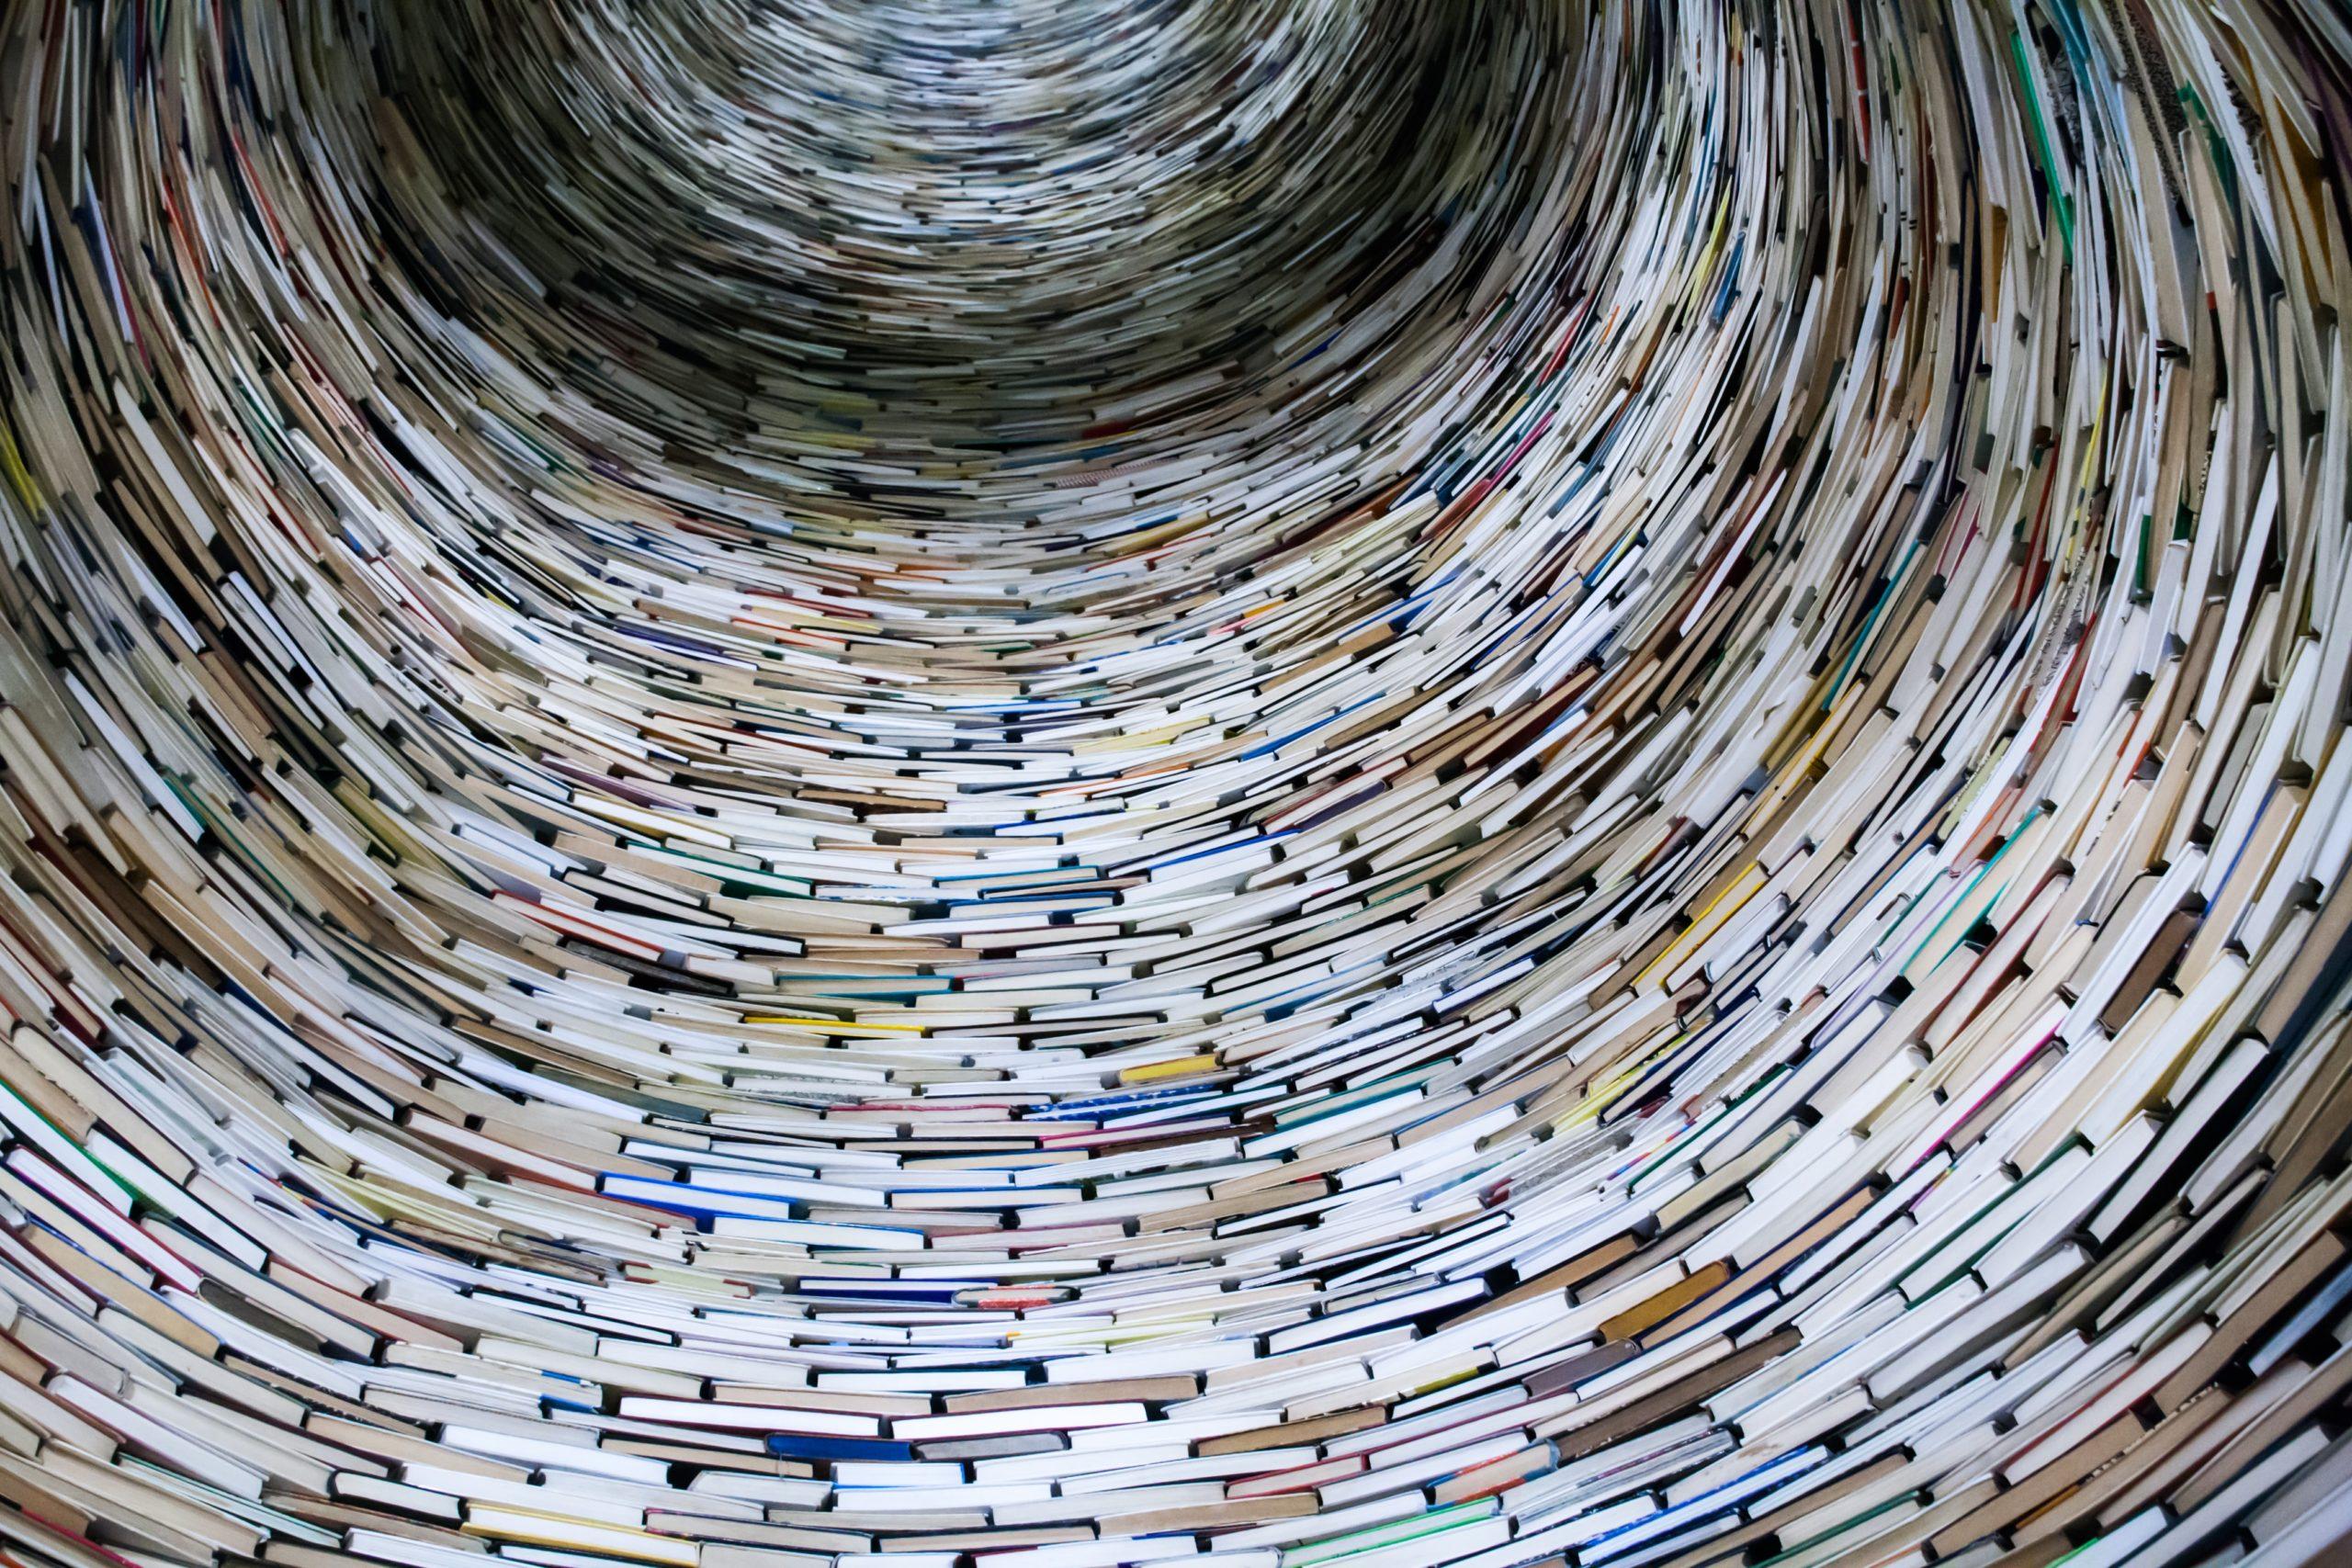 Mange bøker stablet